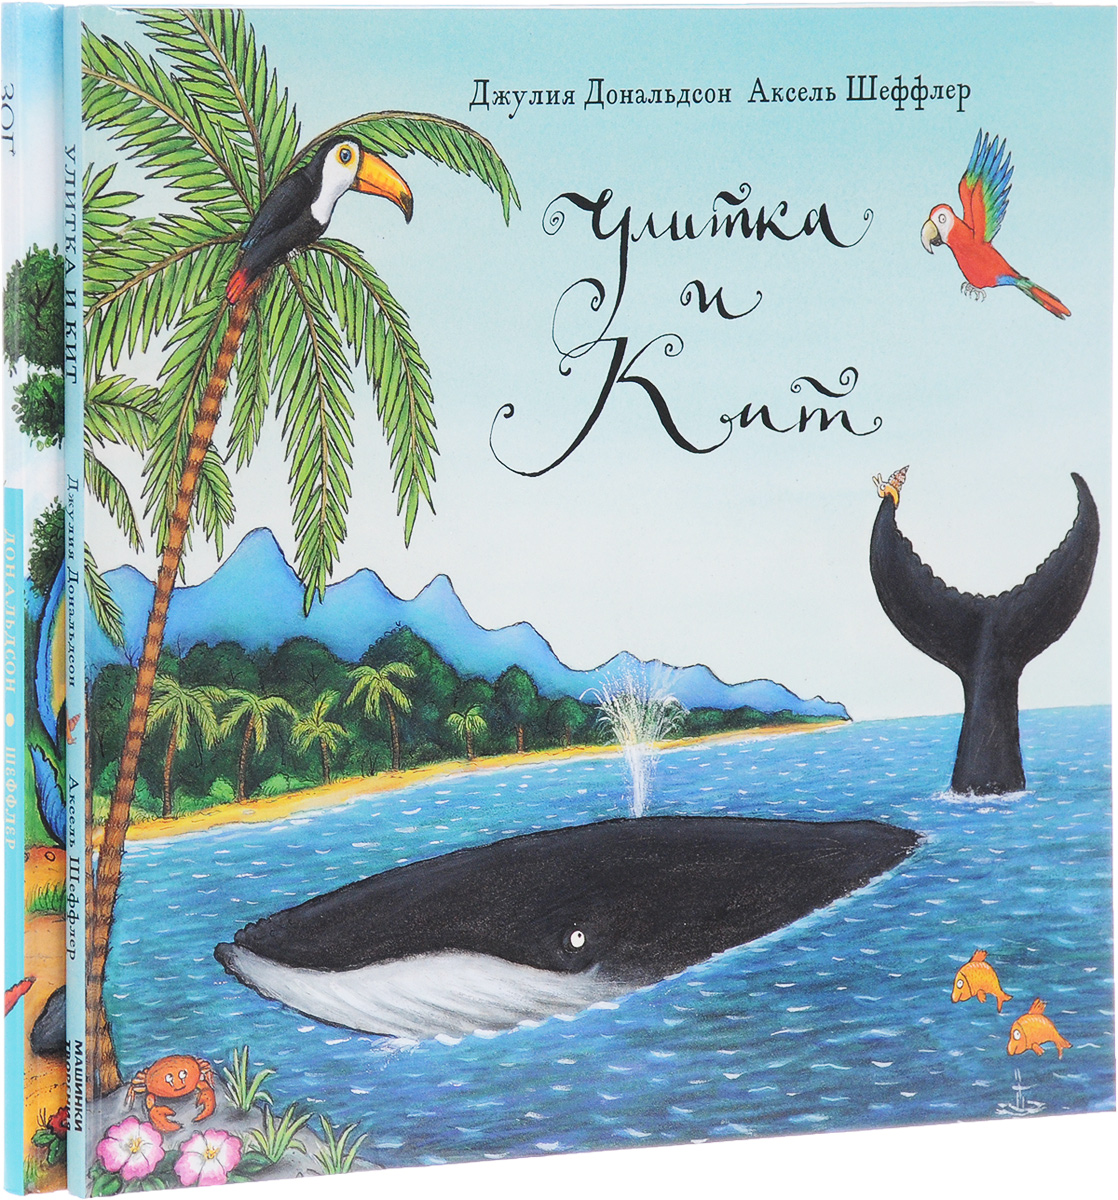 Джулия Дональдсон Зог. Улитка и кит (комплект из 2 книг) улитка где можно в волгограде цена